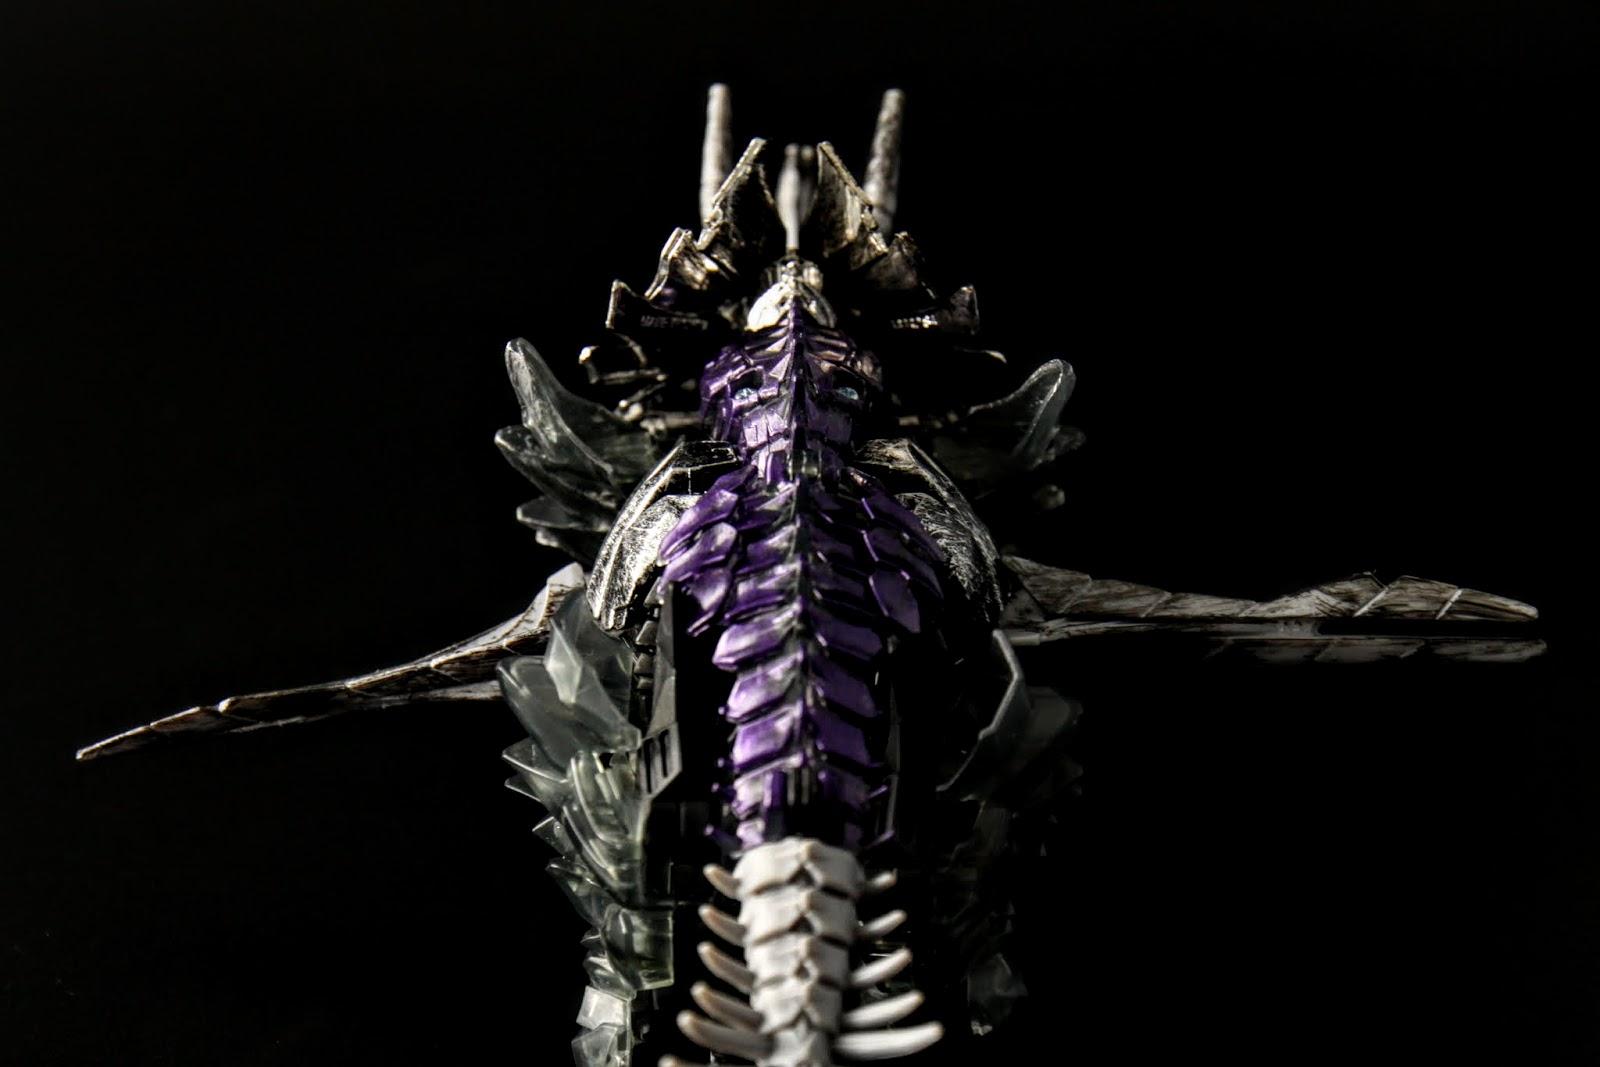 背部這條紫色真是漂亮